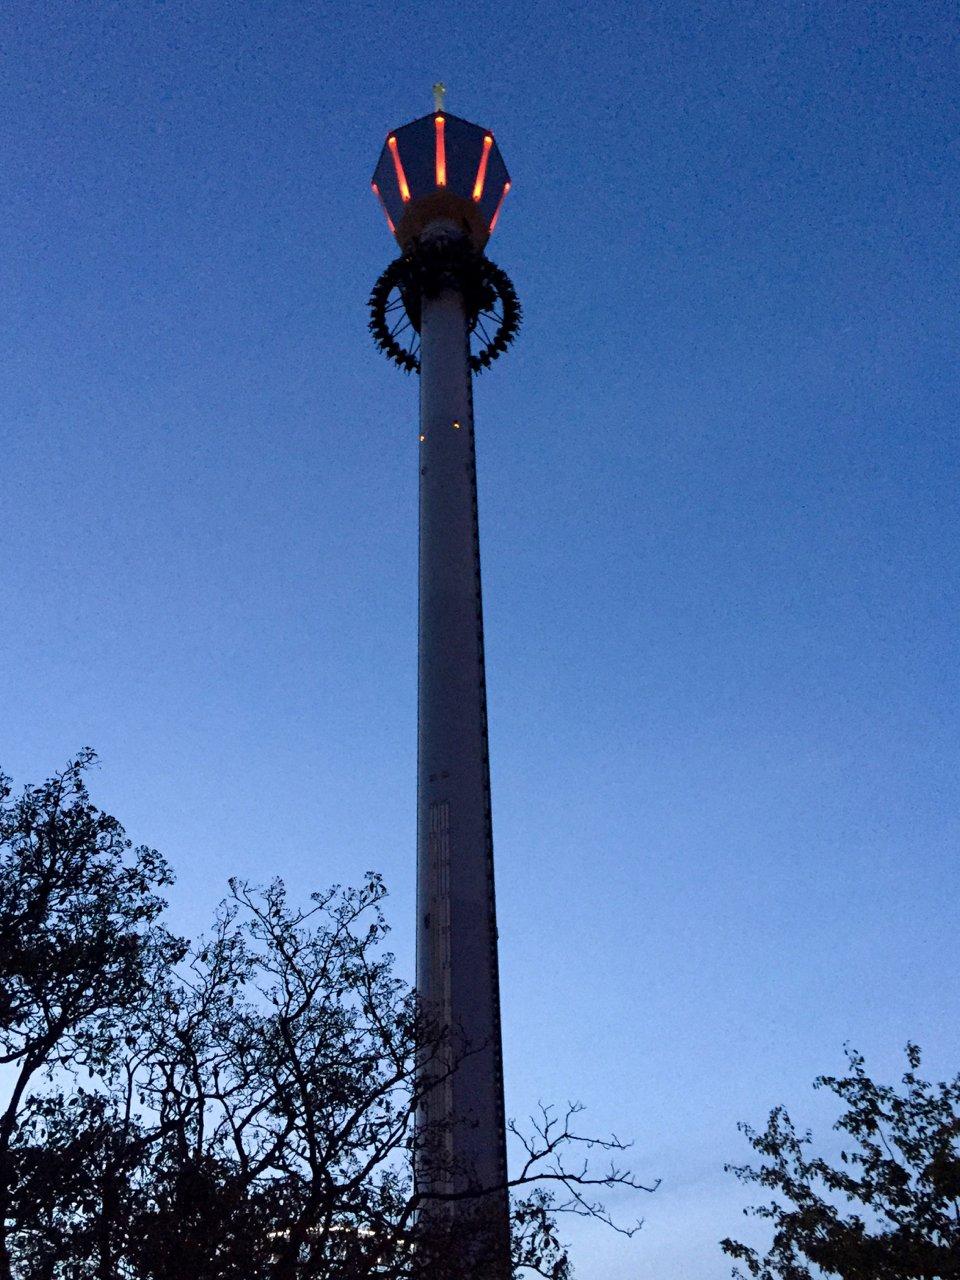 Liseberg atrakcionu parkas Geteborgas Svedija 8